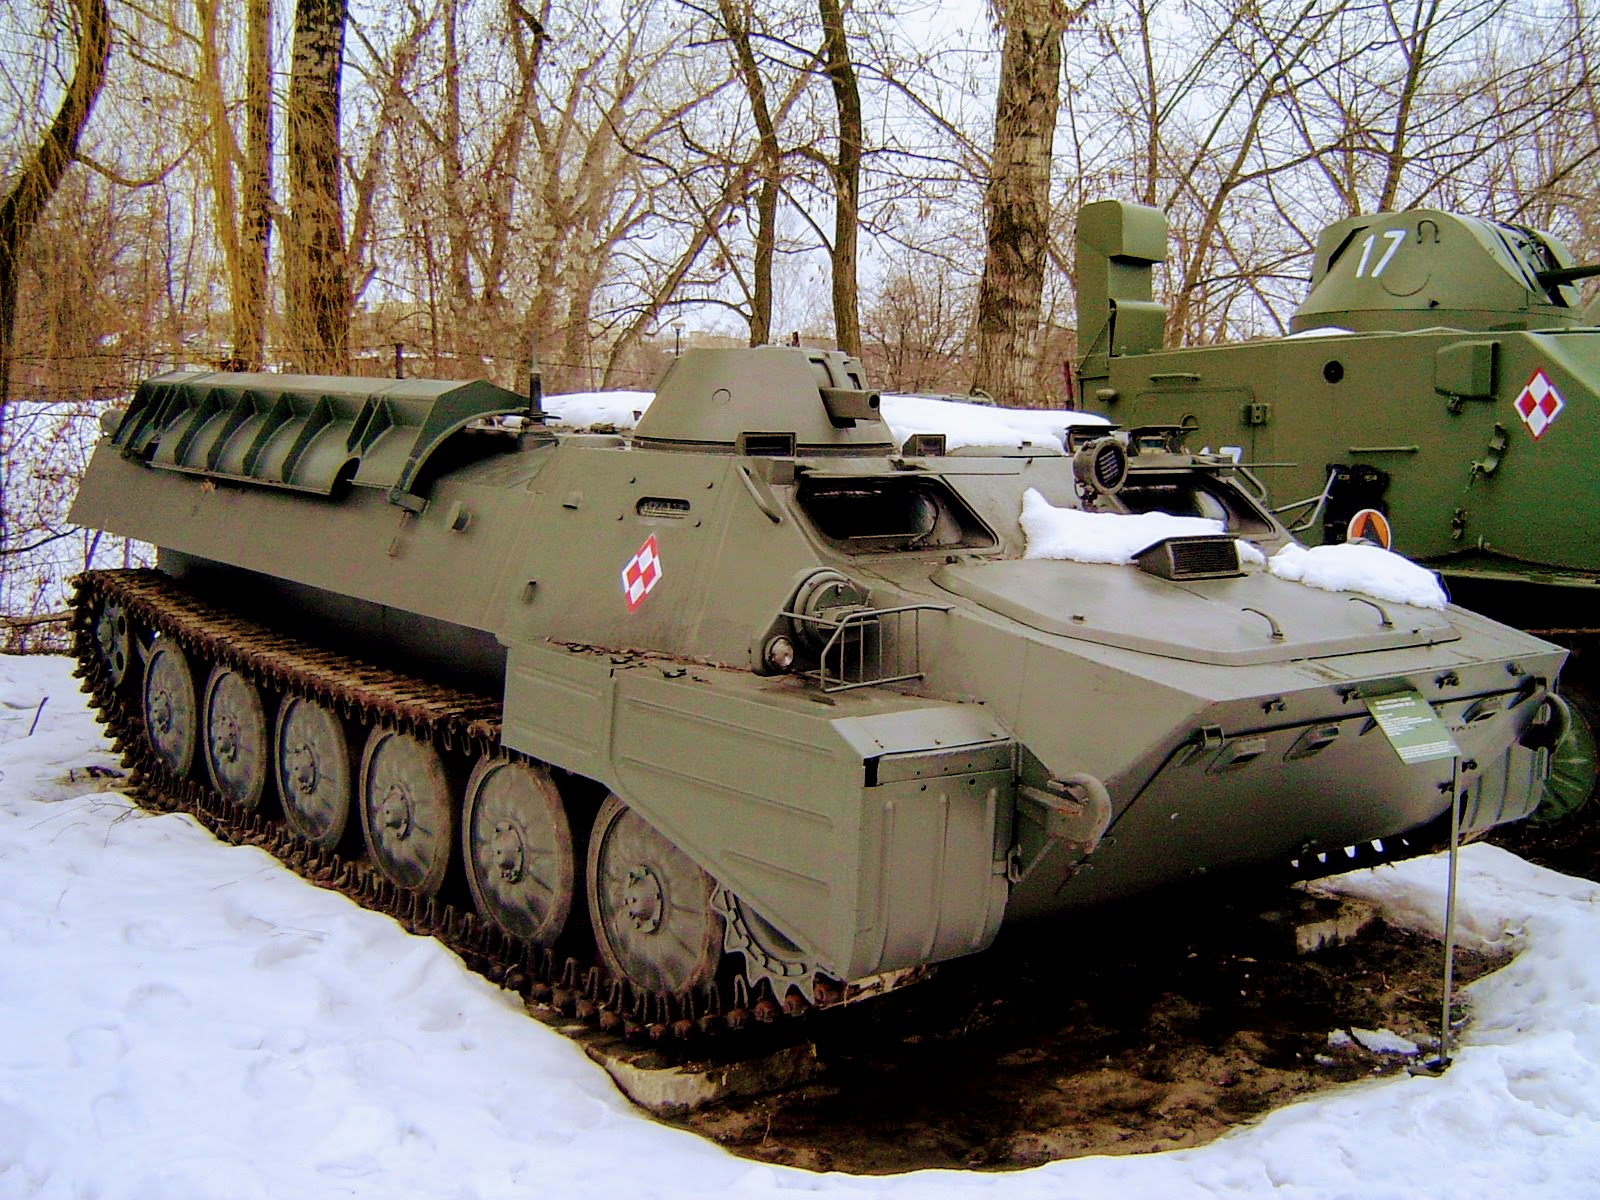 https://upload.wikimedia.org/wikipedia/commons/9/97/MT-LB_ze_zbior%C3%B3w_Muzeum_Wojska_Polskiego_w_Warszawie.jpg